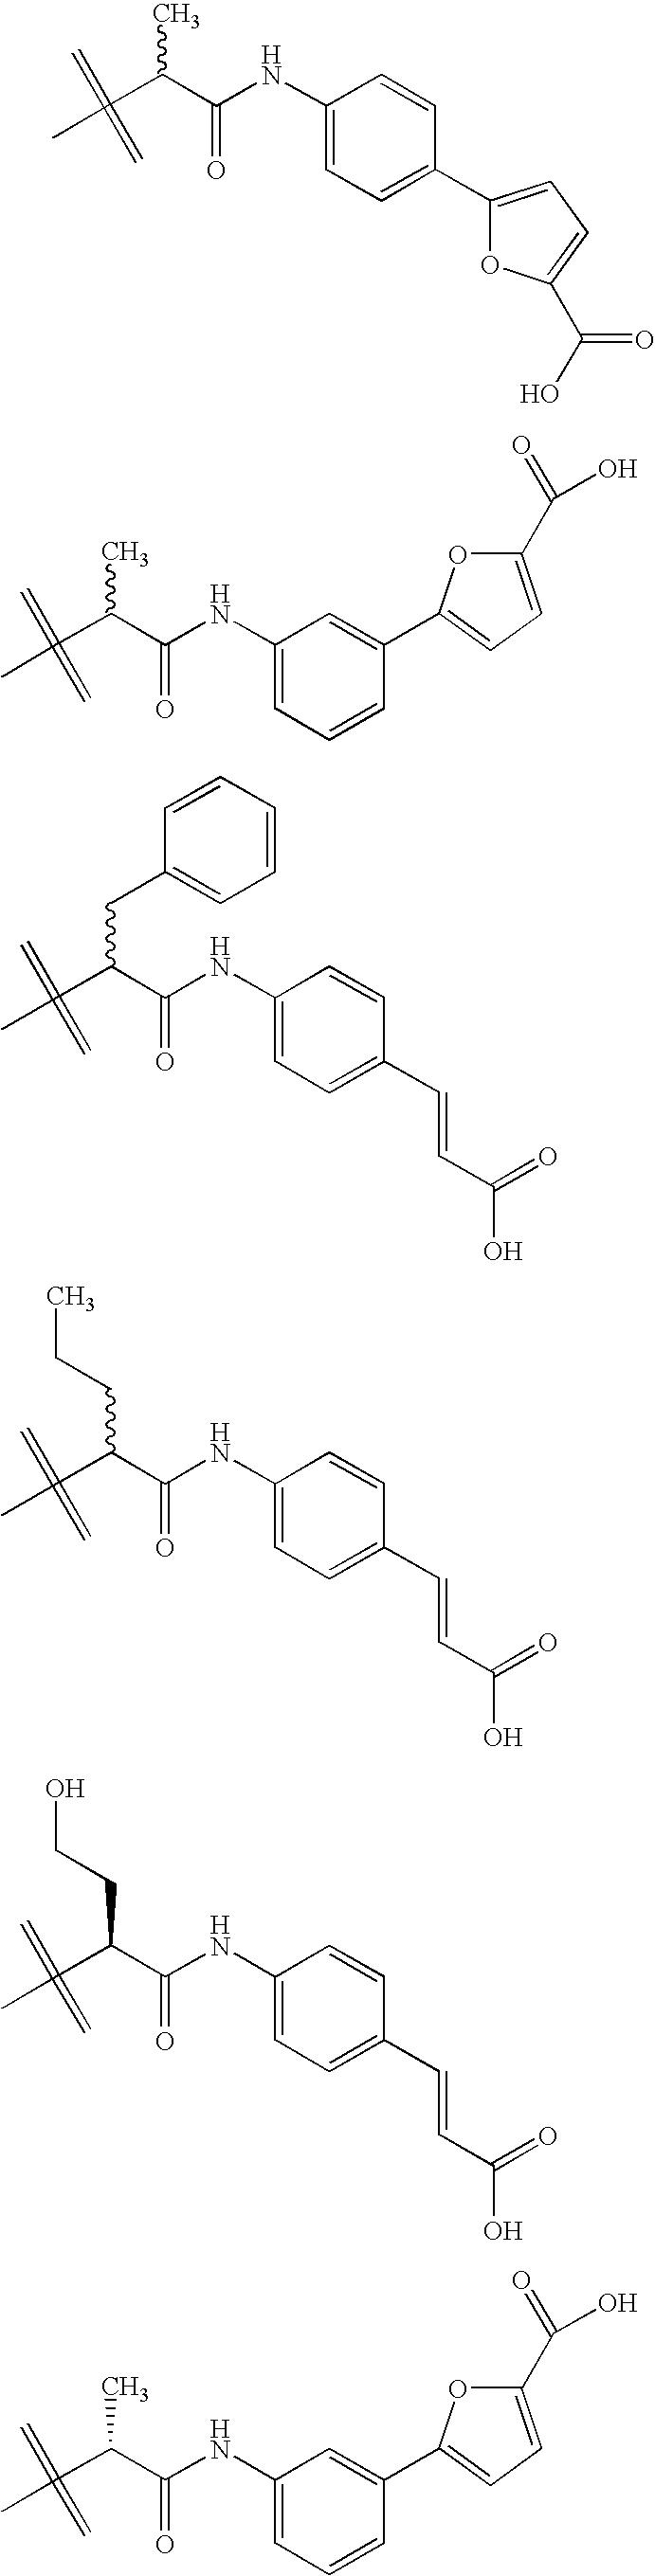 Figure US20070049593A1-20070301-C00143